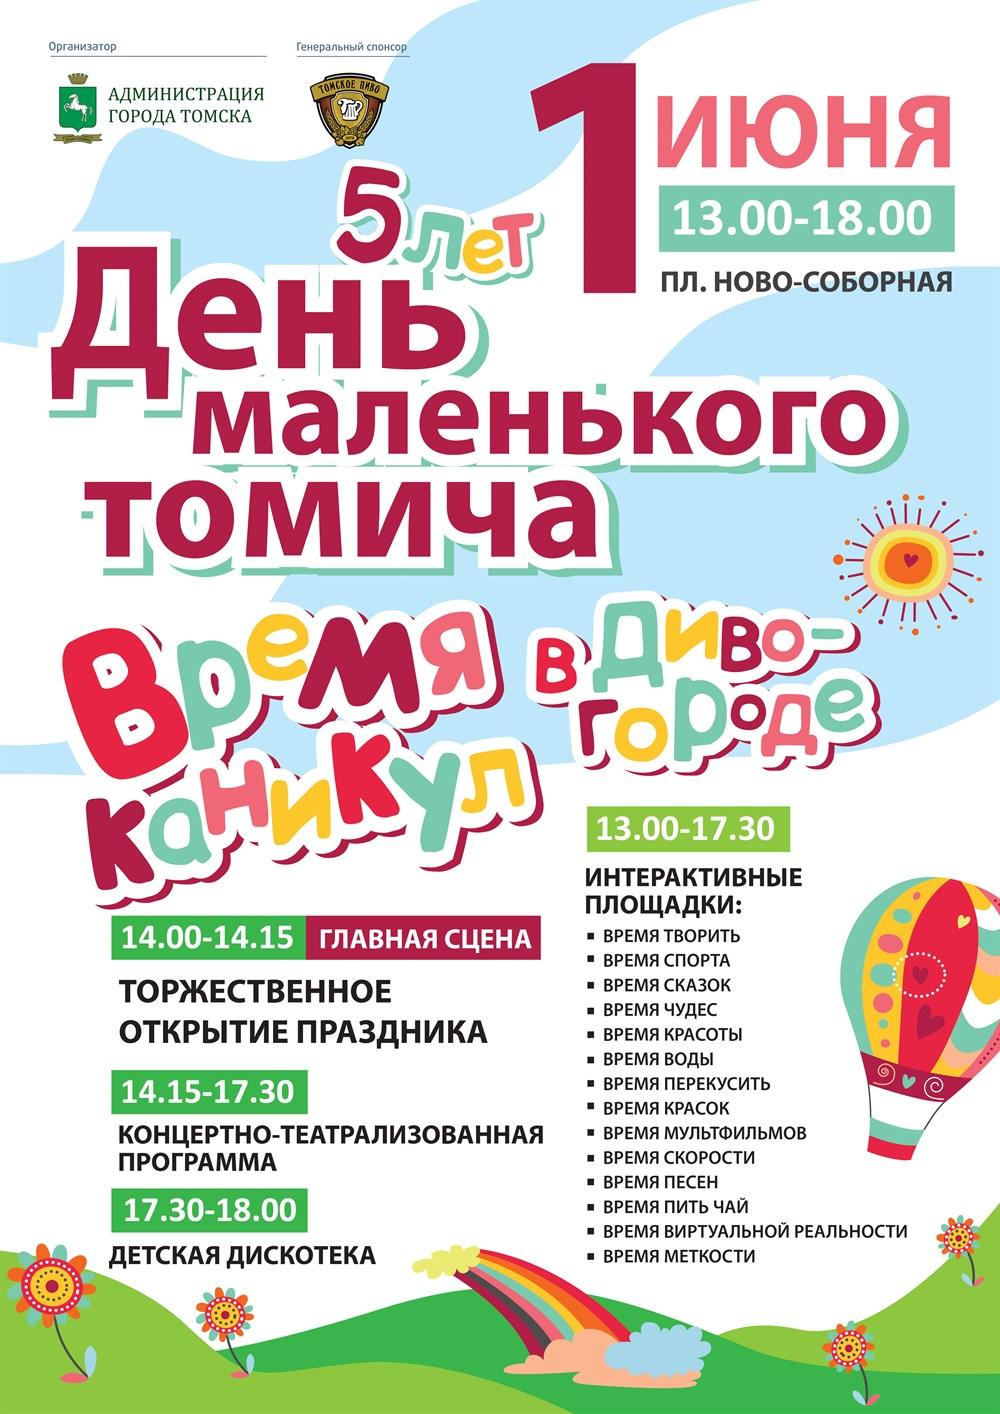 День маленького томича пройдет на площади Новособорной 1 июня. Мероприятия начнутся в 13.00 и будут идти до 18.00.